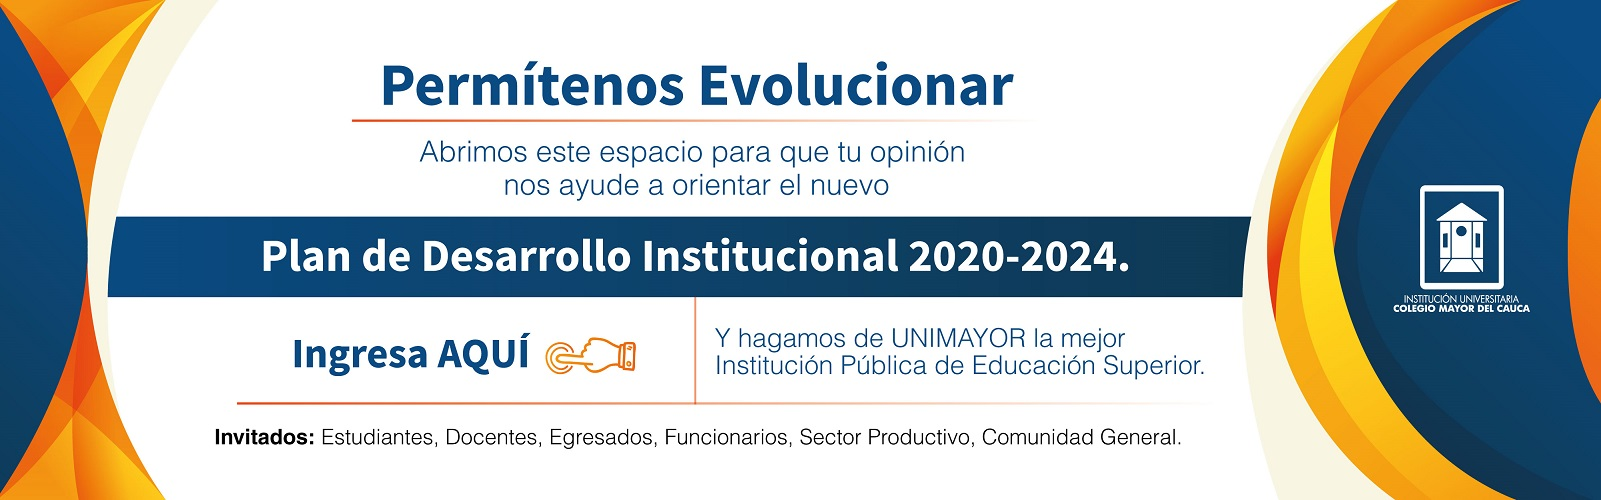 Banner_Plan_de_Desarrollo_Institucional